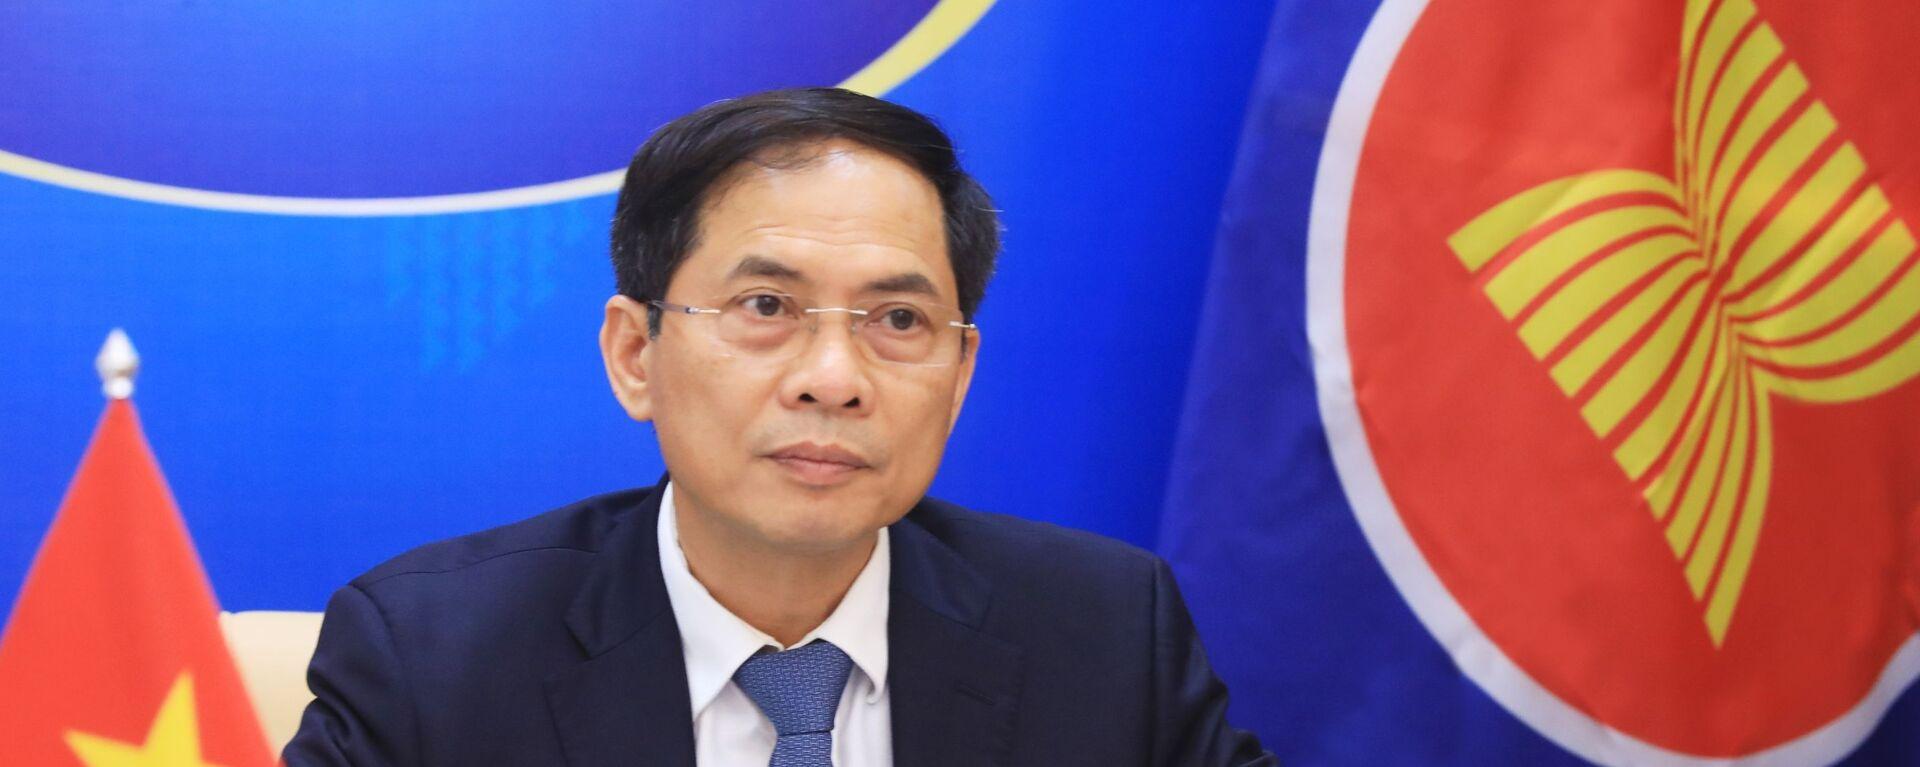 Bộ trưởng Bộ Ngoại giao Bùi Thanh Sơn dự Hội nghị Bộ trưởng Ngoại giao đặc biệt ASEAN - Nga - Sputnik Việt Nam, 1920, 07.07.2021